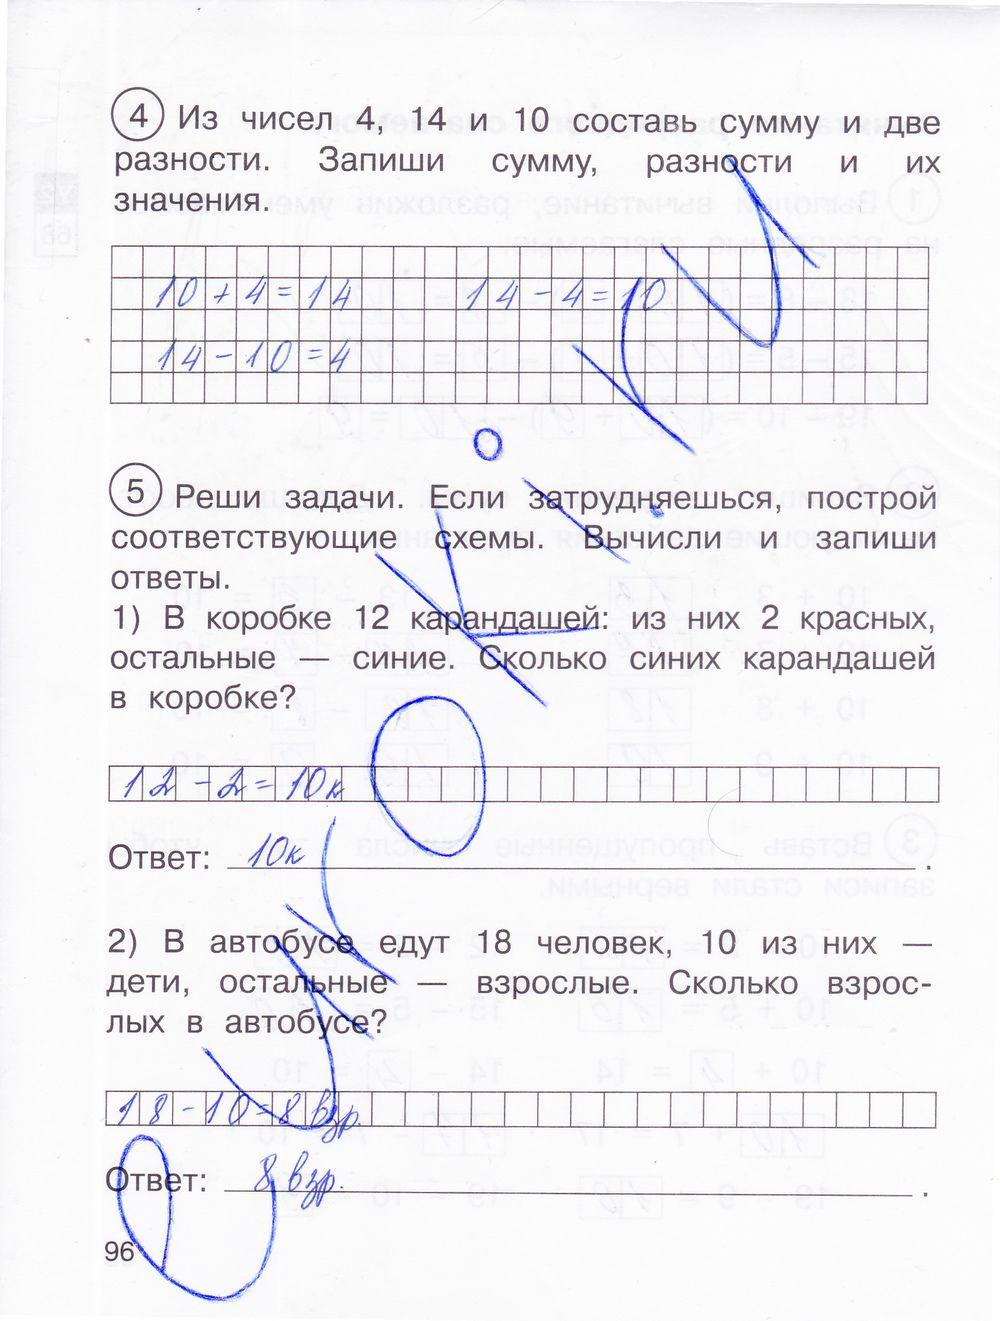 Бесплатное гдз reader михеева и афанасьева